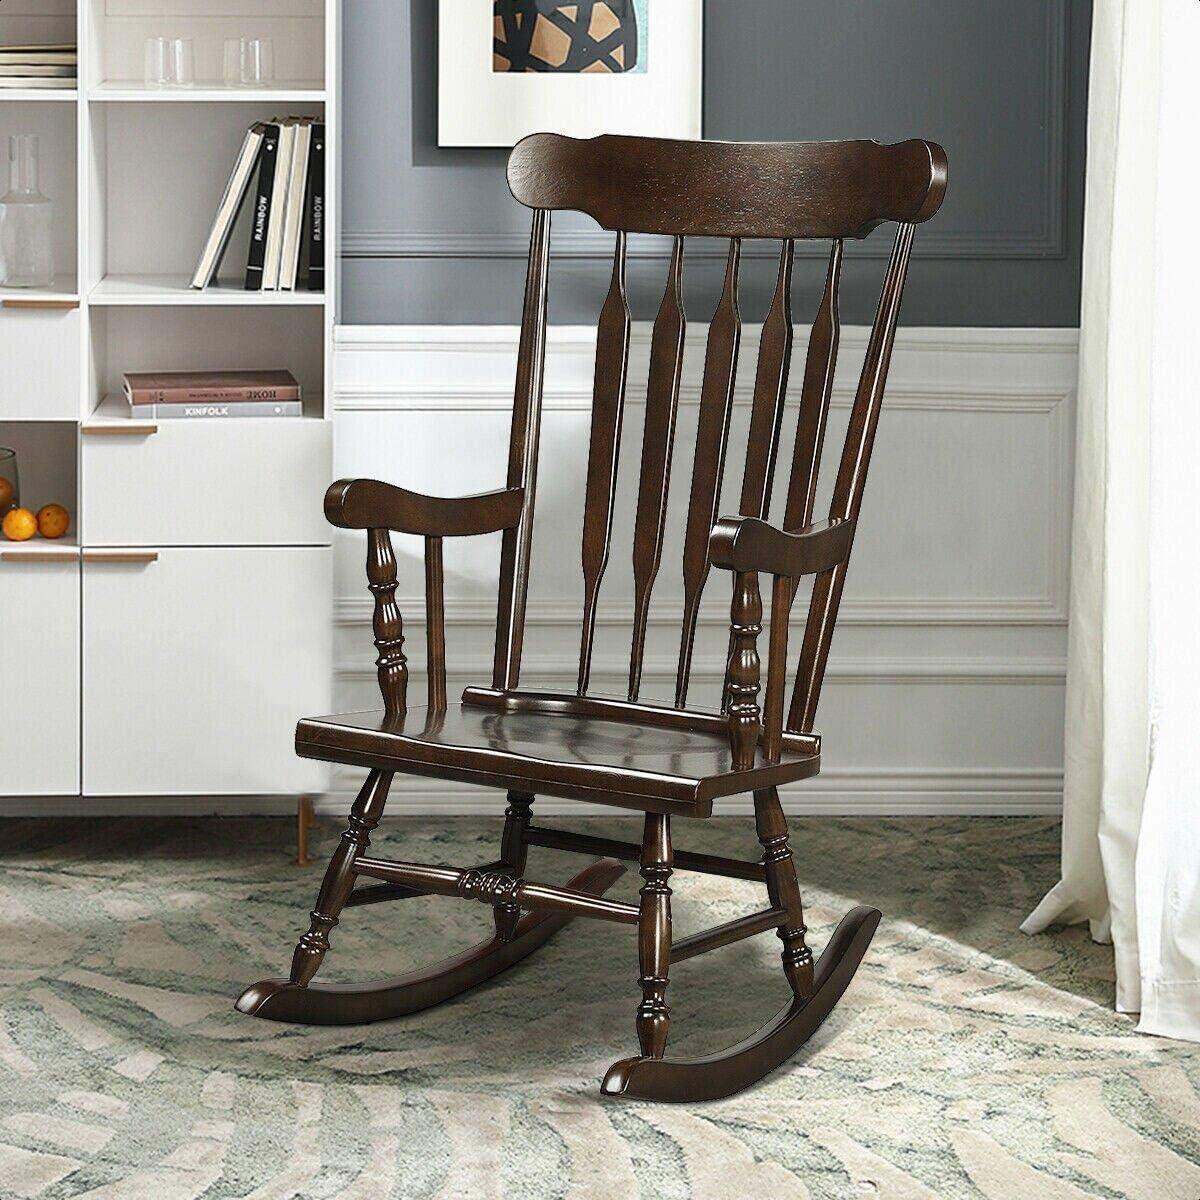 Rockhampton New Free Shipping Oakland Mall Rocking Chair